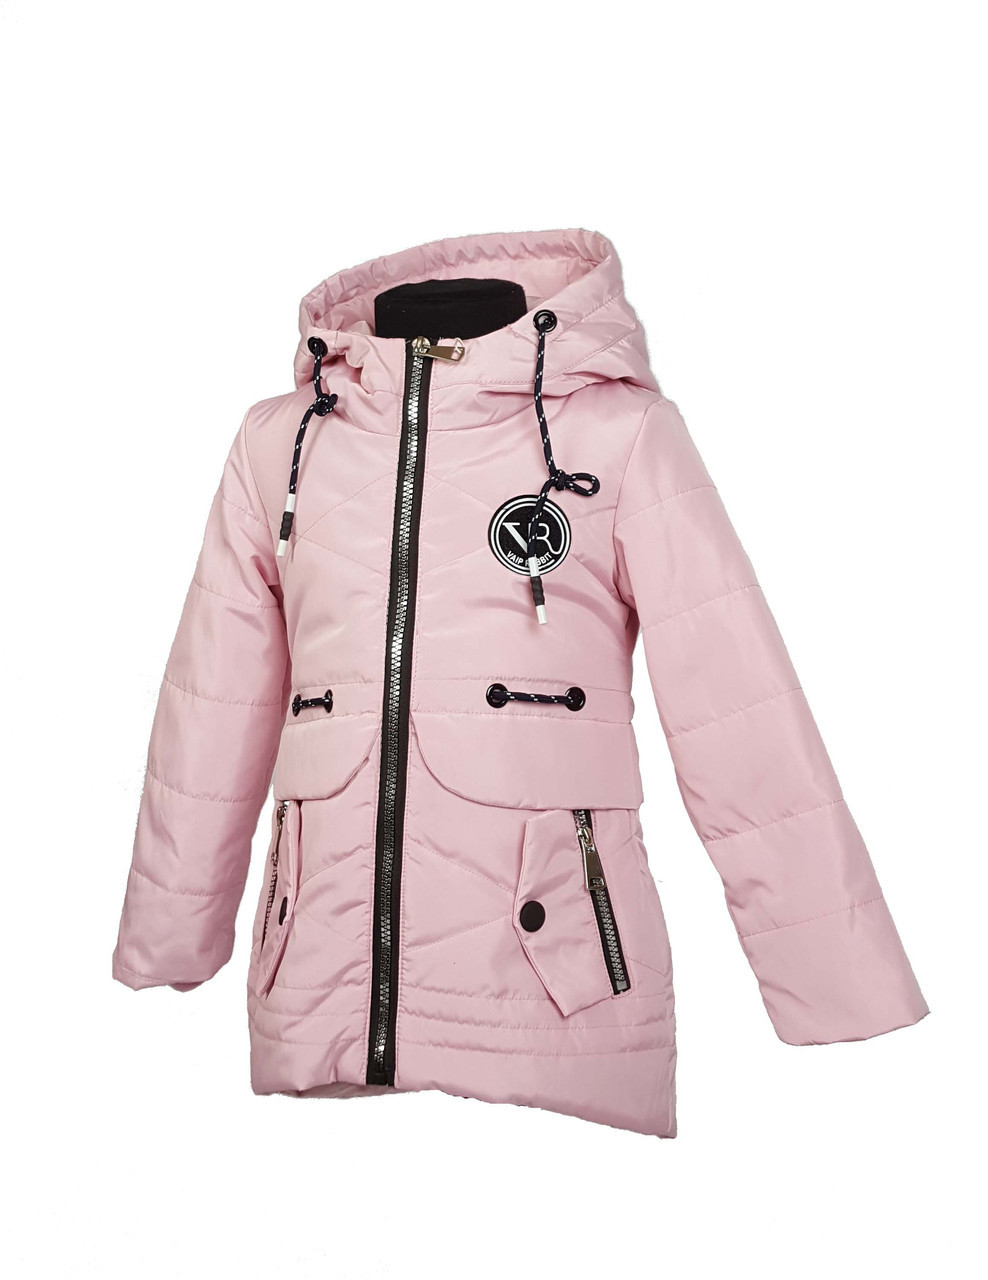 Куртка для девочки  1927 весна-осень, размеры на рост от 98 до122 возраст от 3 до 6 лет